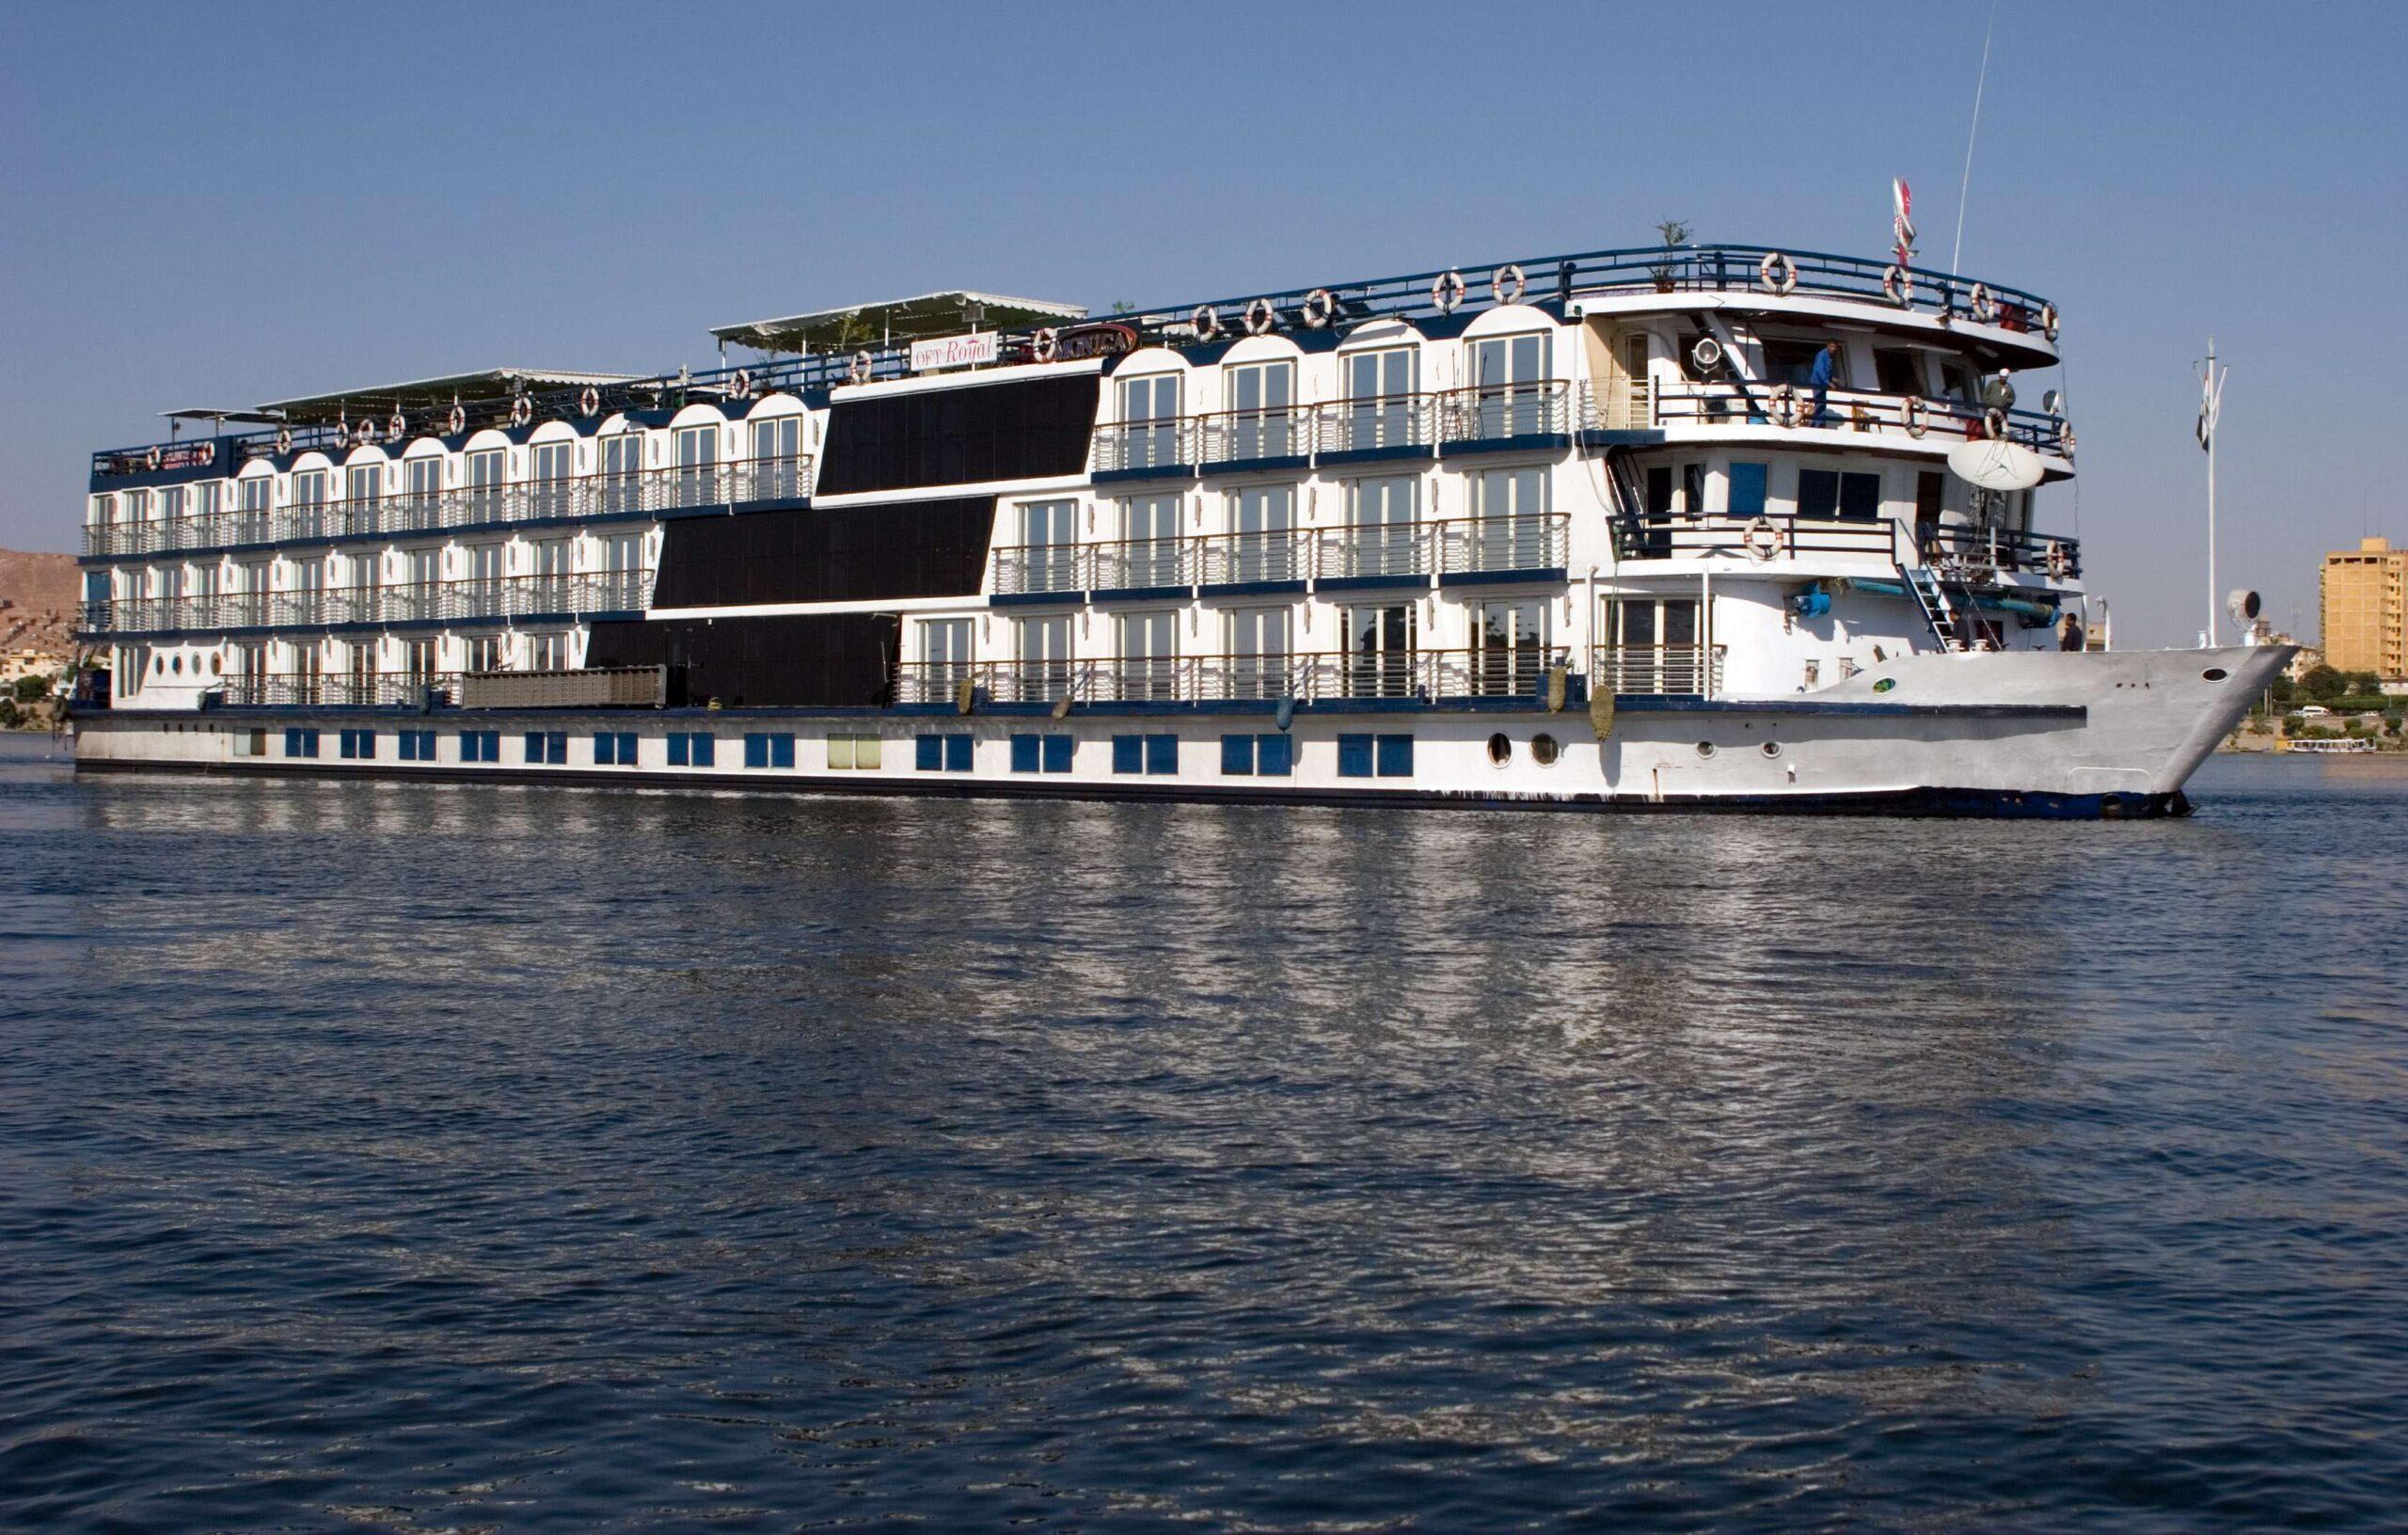 Nile Cruise holidays. River Nile Cruise